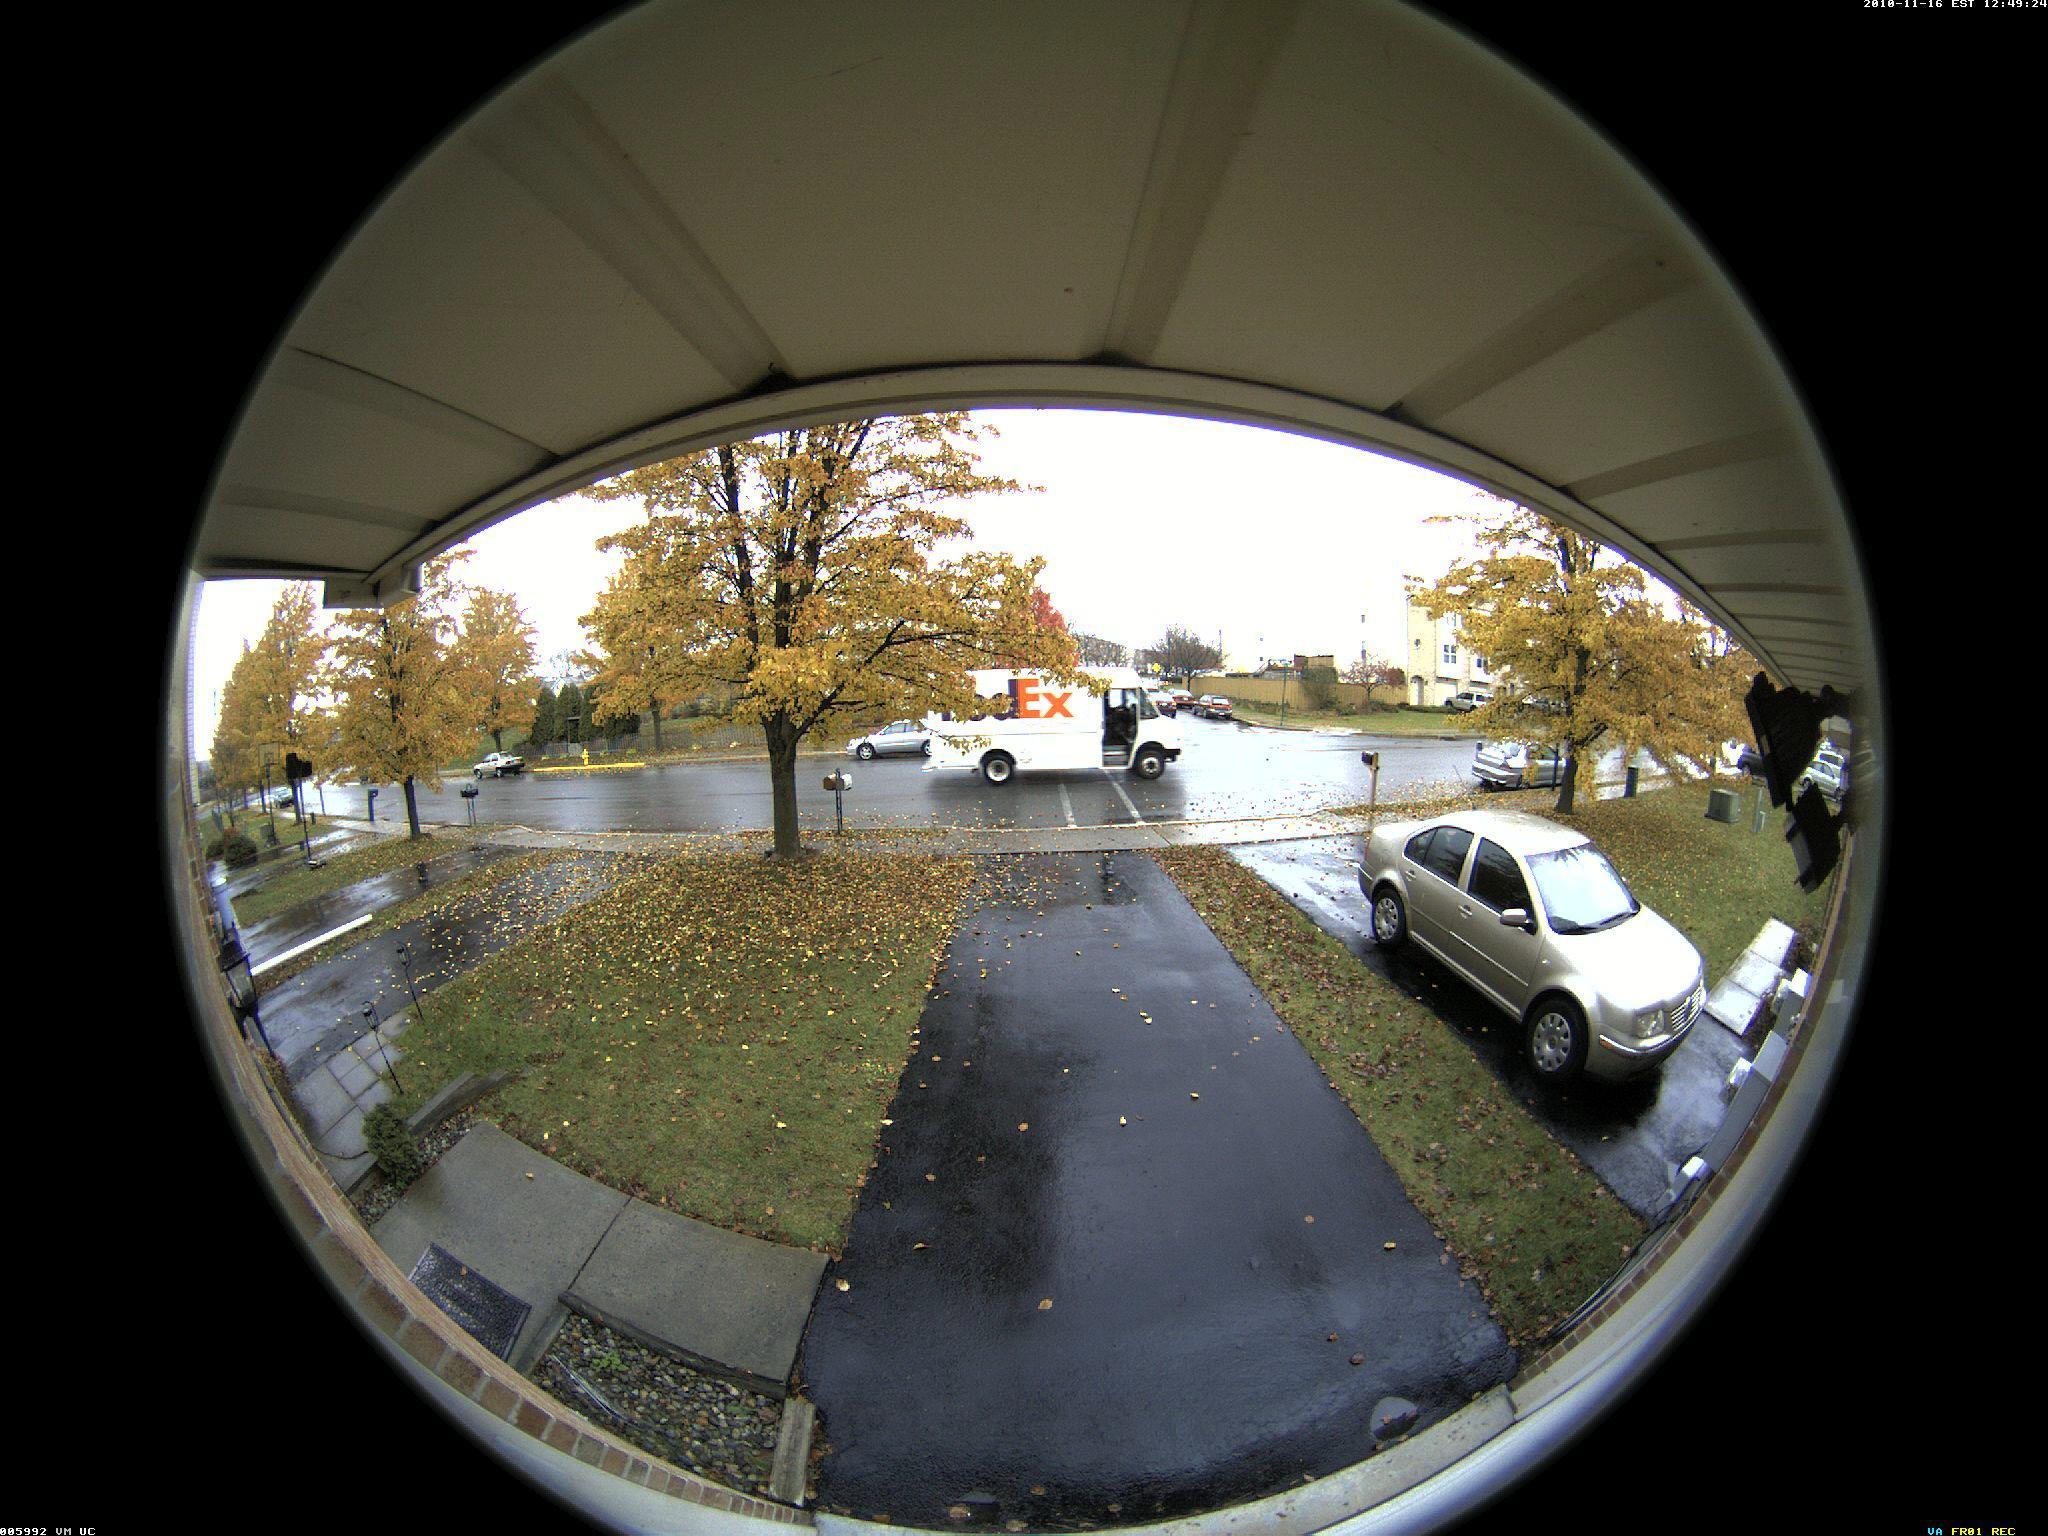 Geovision fisheye camera video cctv forum for Fish eye camera